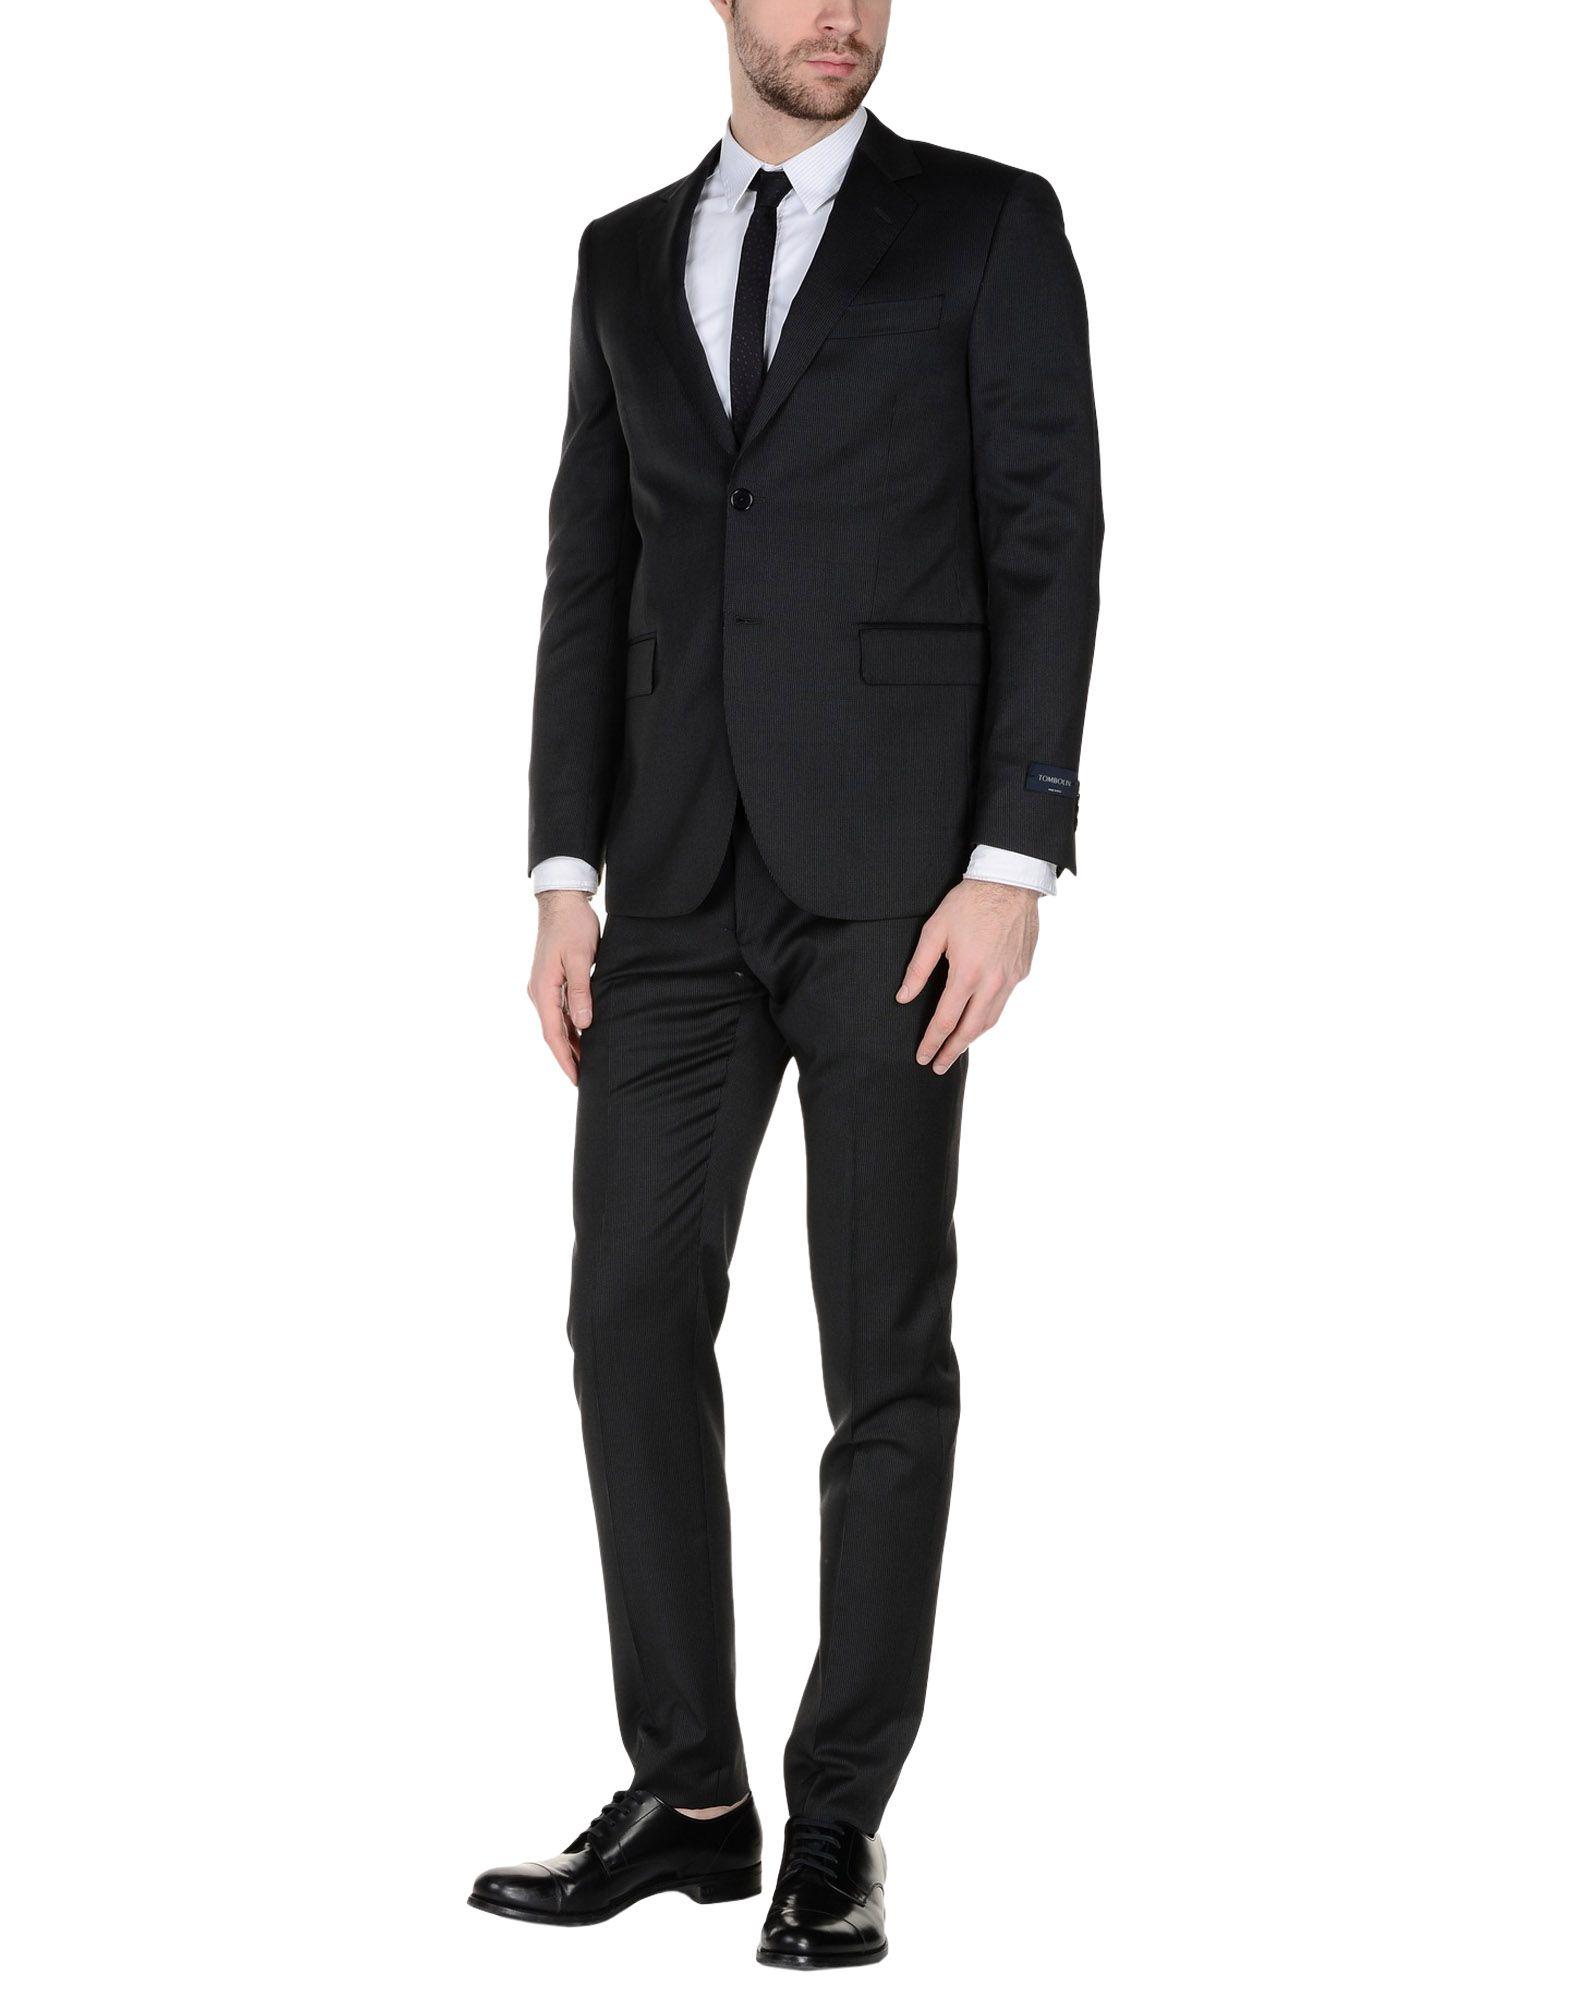 《送料無料》TOMBOLINI メンズ スーツ スチールグレー 52 バージンウール 100%